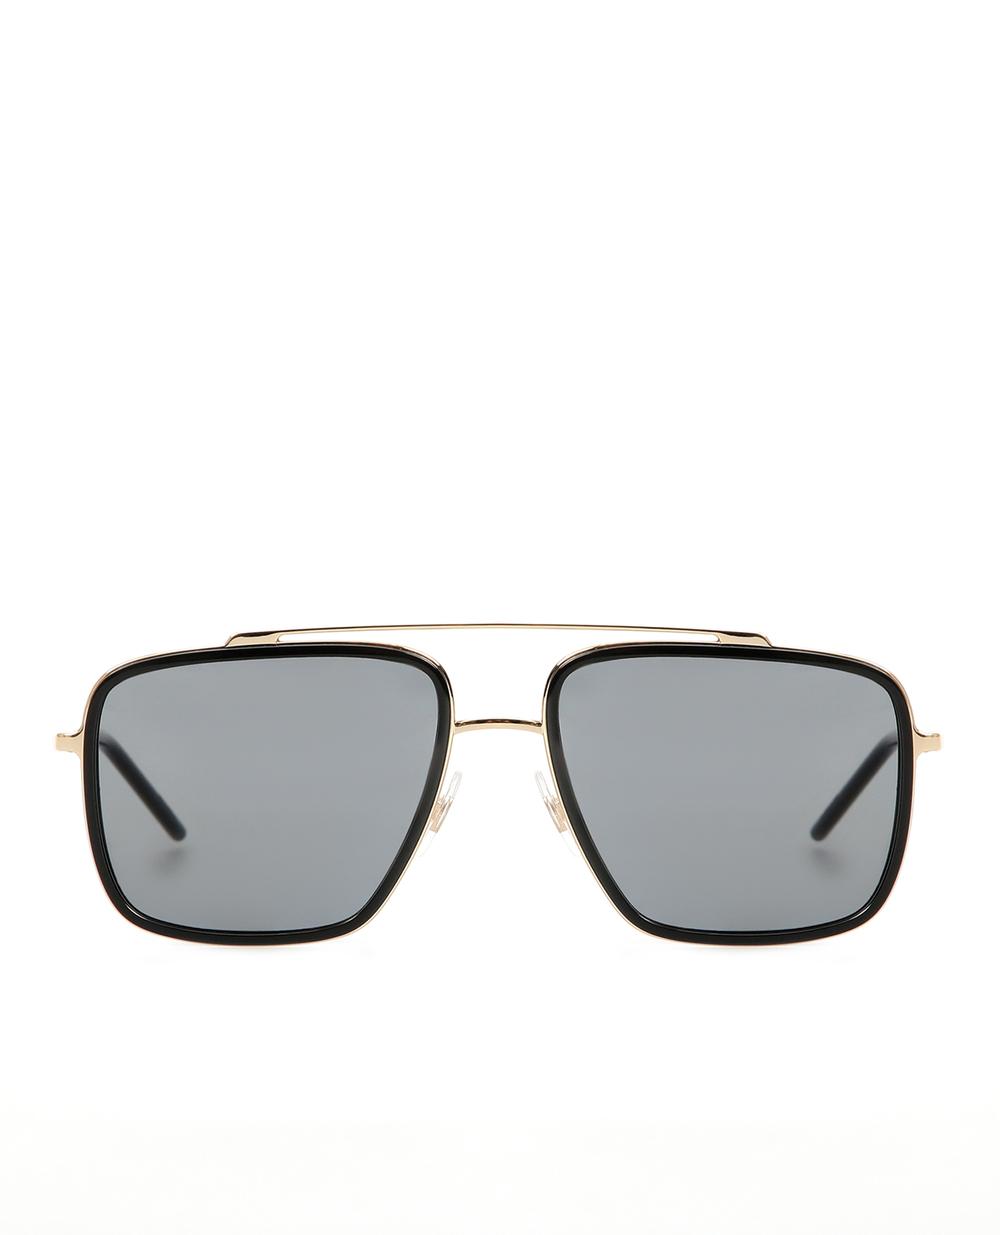 Солнцезащитные очки Dolce&Gabbana 222002/8157 — Kameron